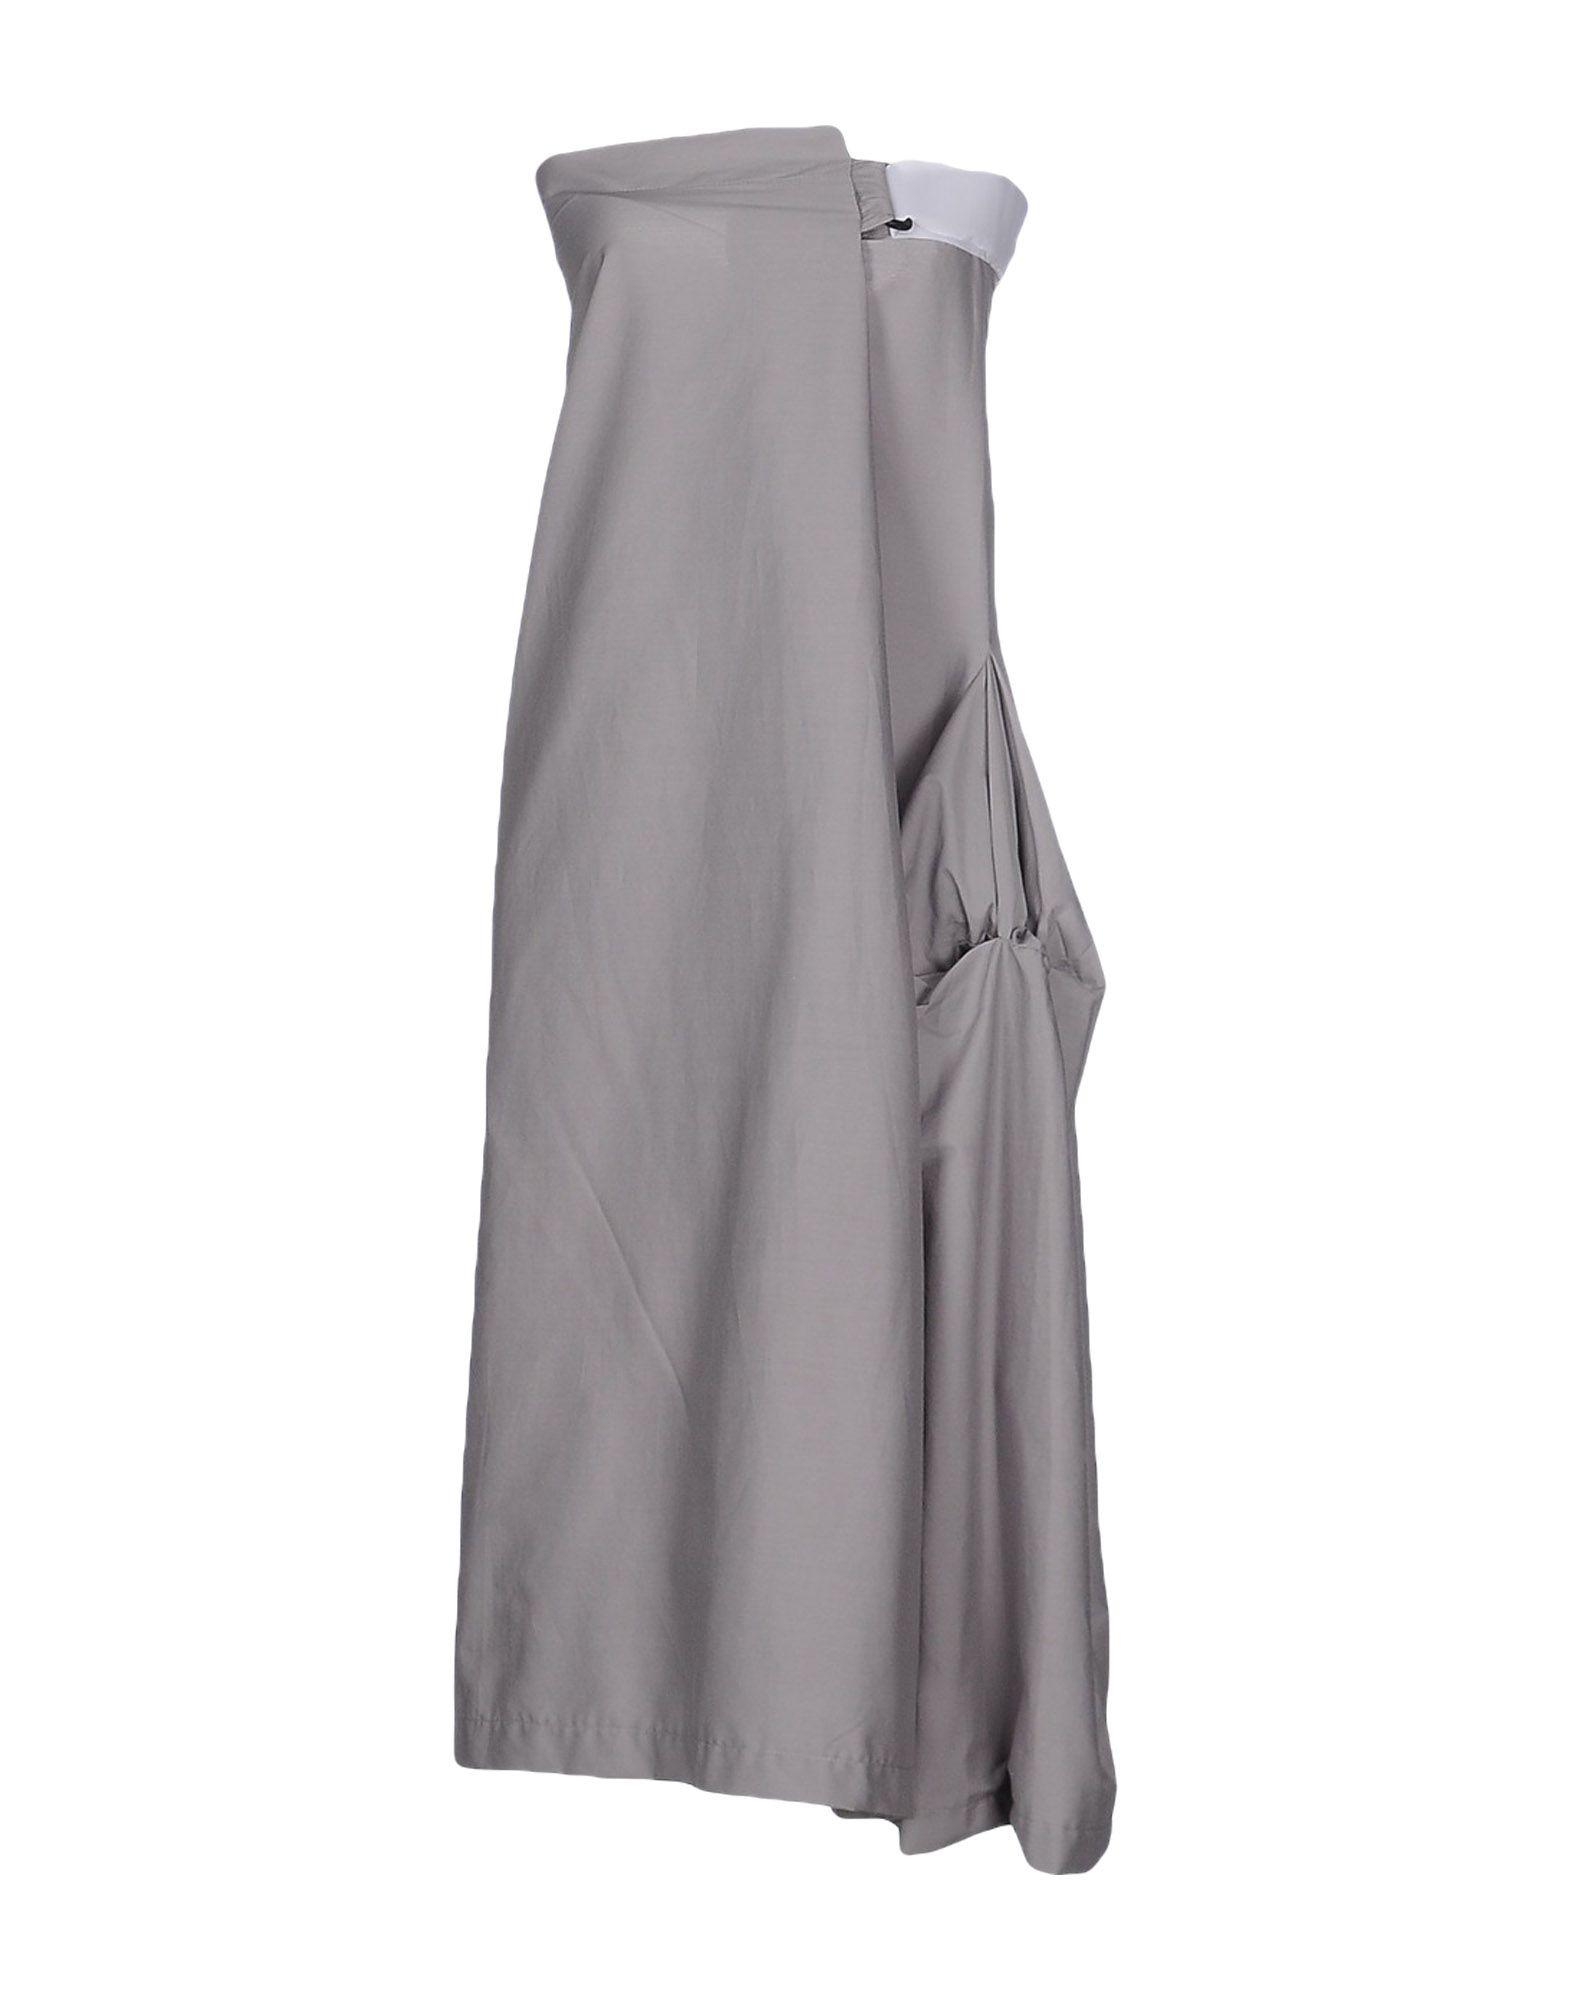 FALORMA Платье до колена paolo casalini платье до колена